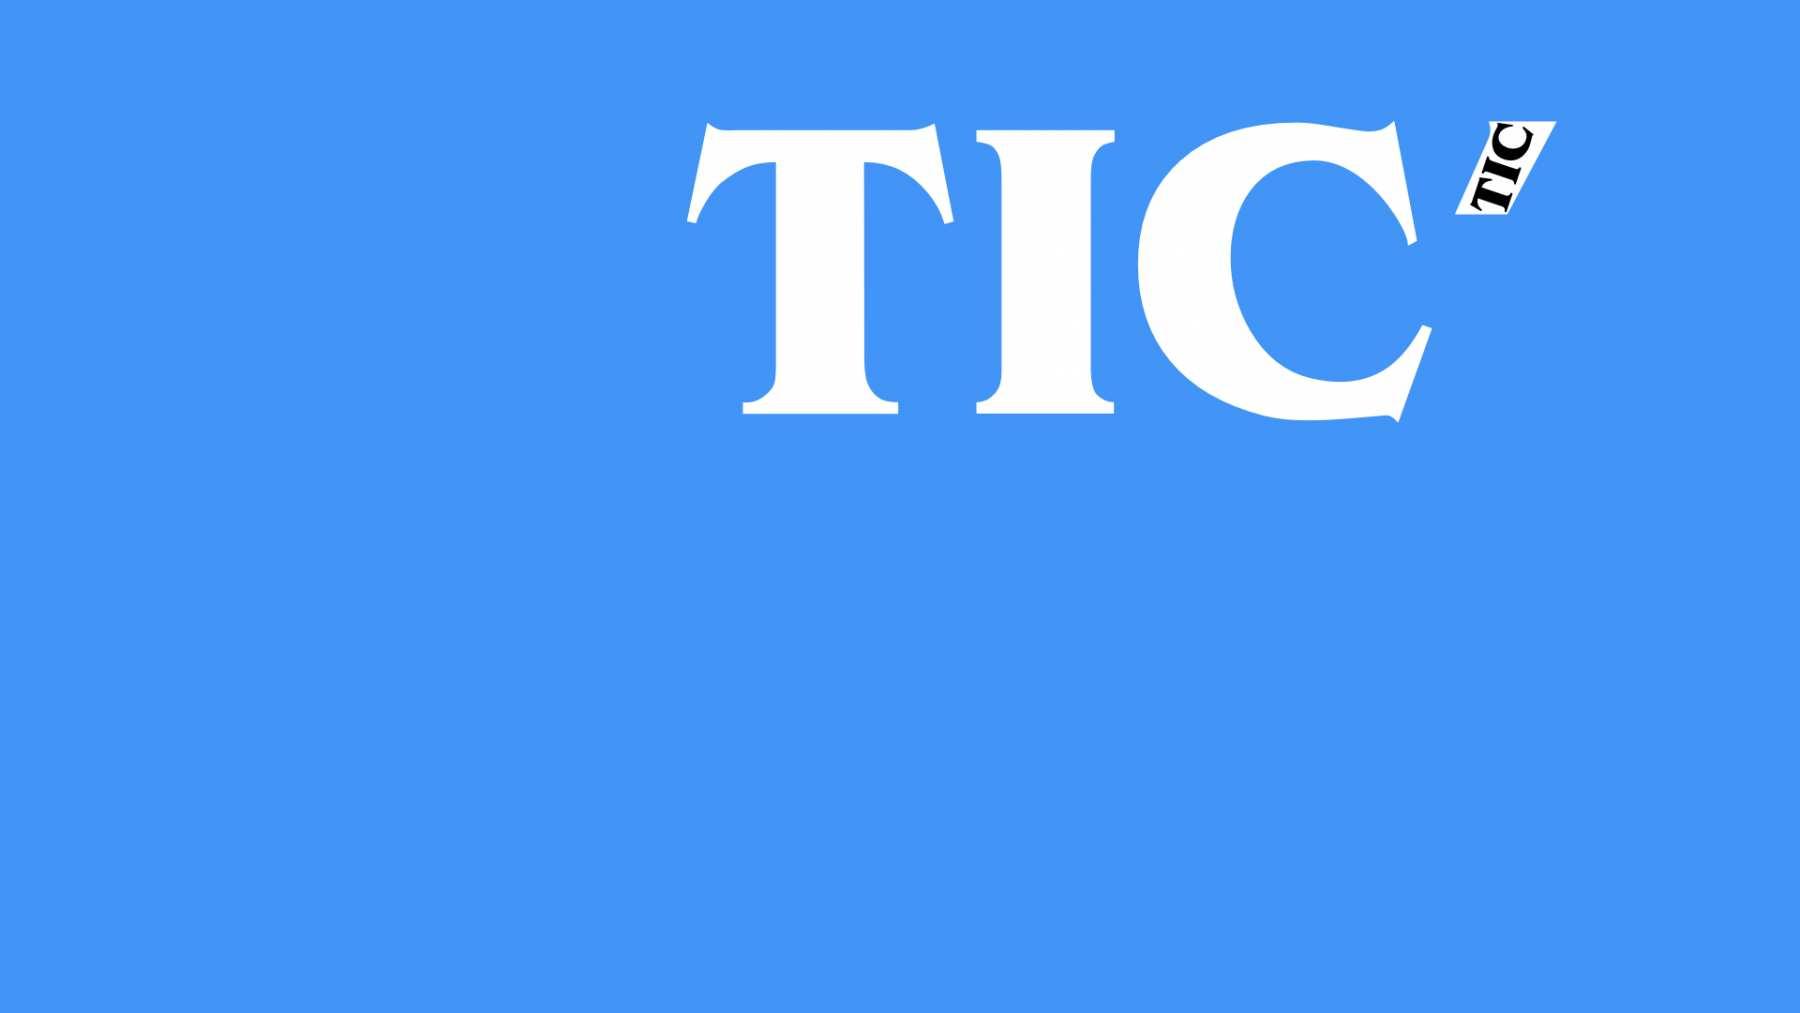 8-ticA